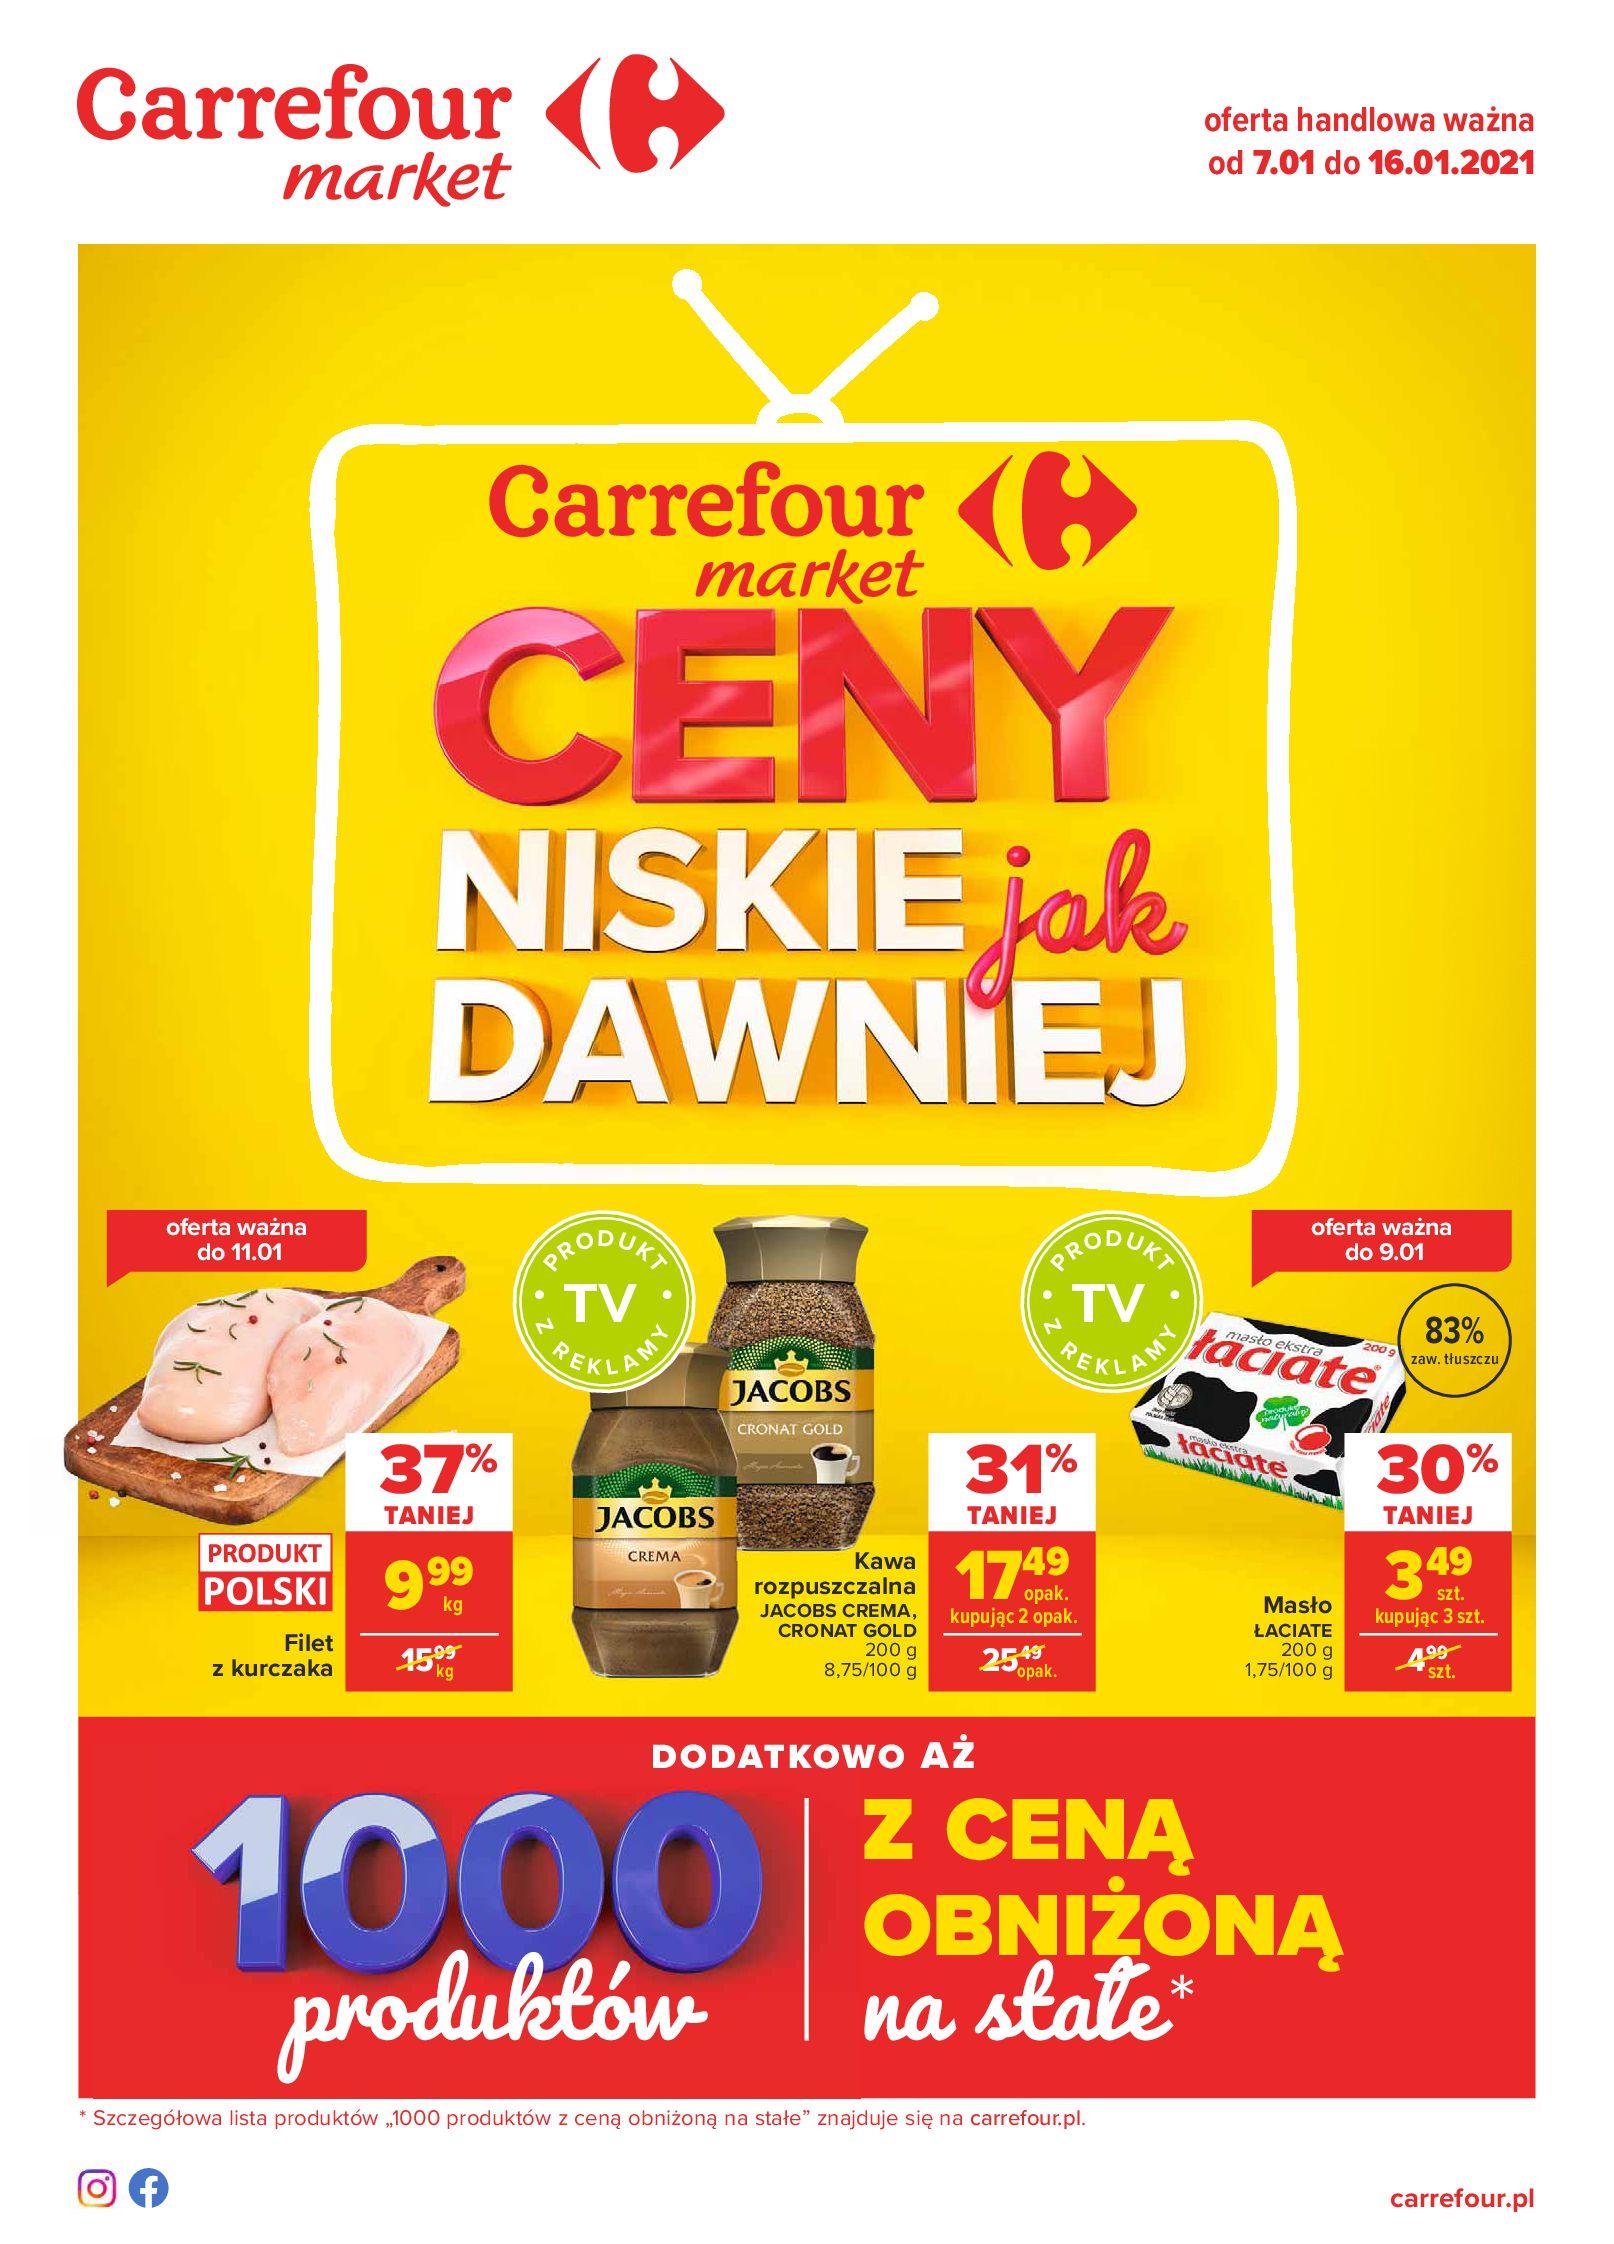 Carrefour Market:  Ceny niskie jak dawniej - Market 06.01.2021